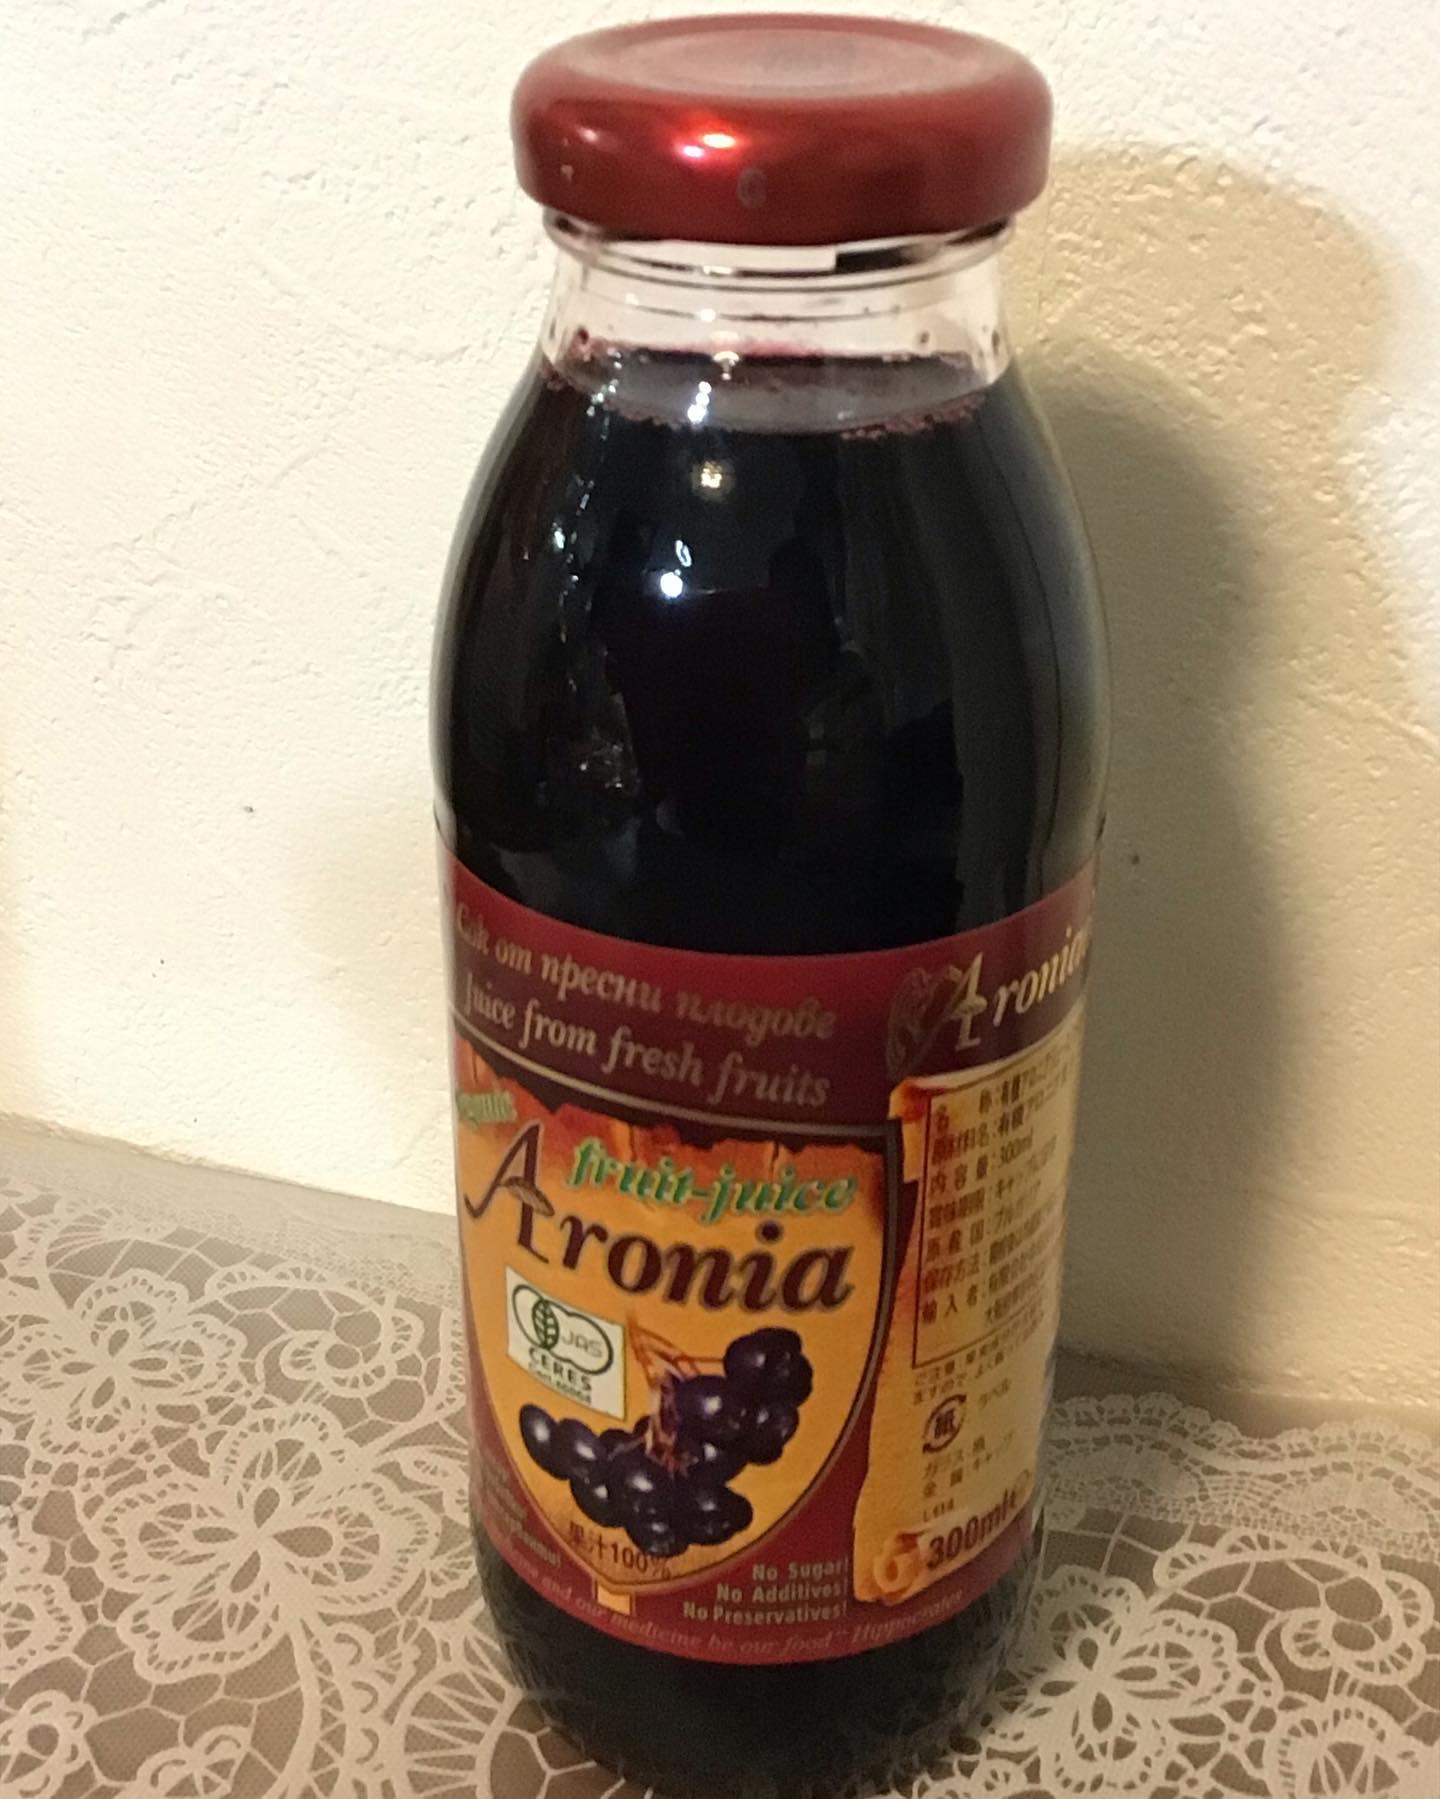 口コミ投稿:有機アロニア100%果汁飲んでみました北米原産の小果樹ですがロシアで品種改良されブ…